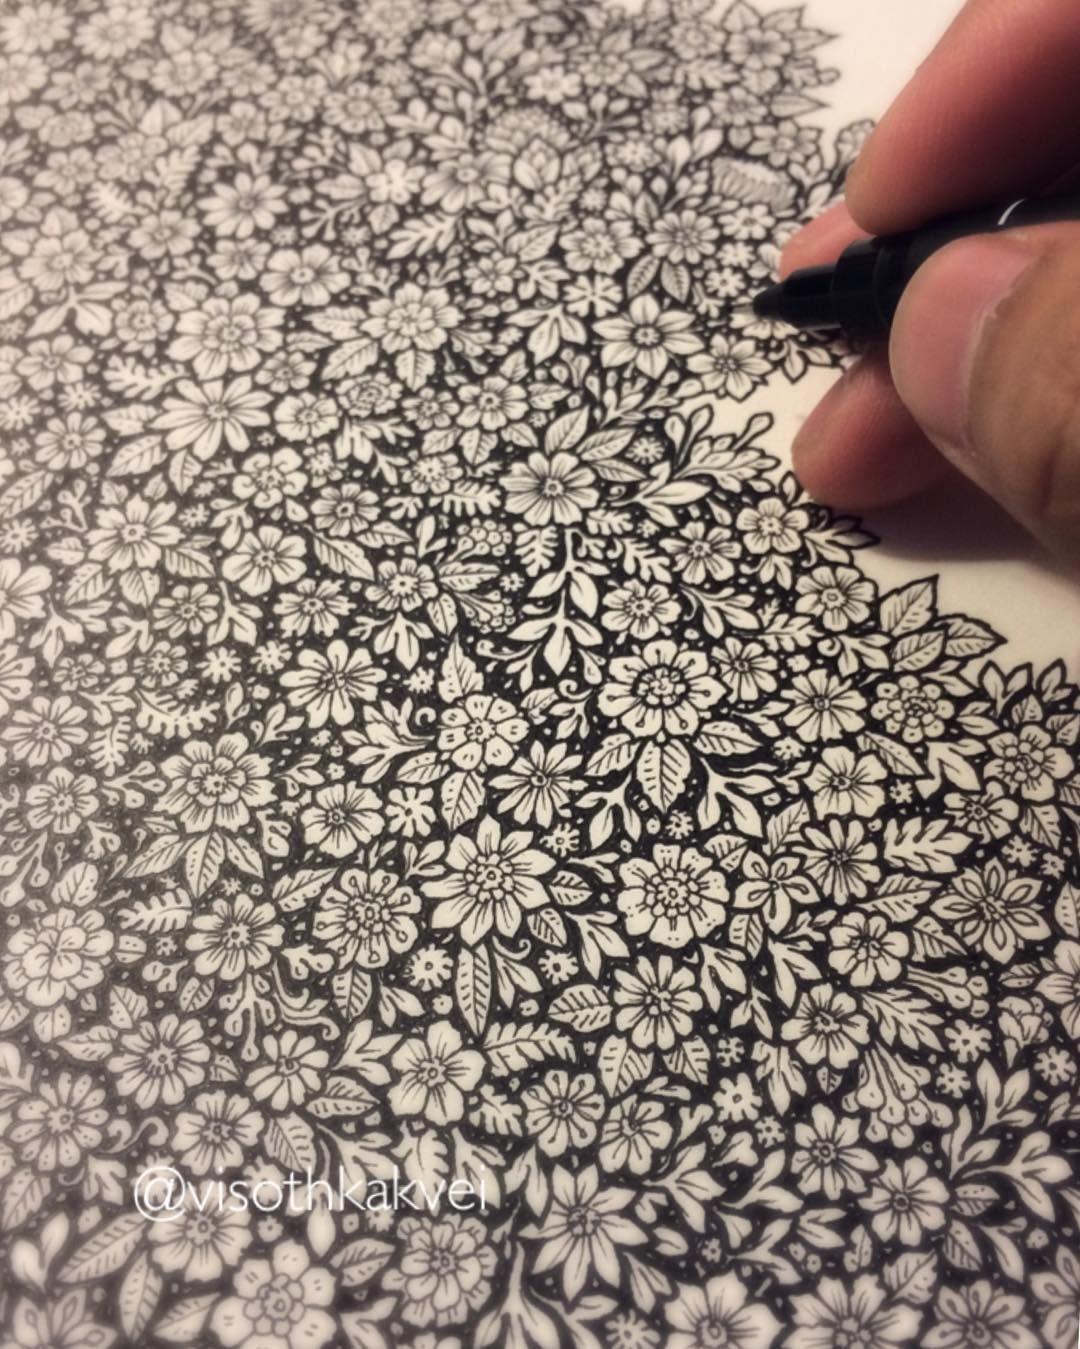 Day 2 #wip #original #art #visothkakvei #madeinMaine